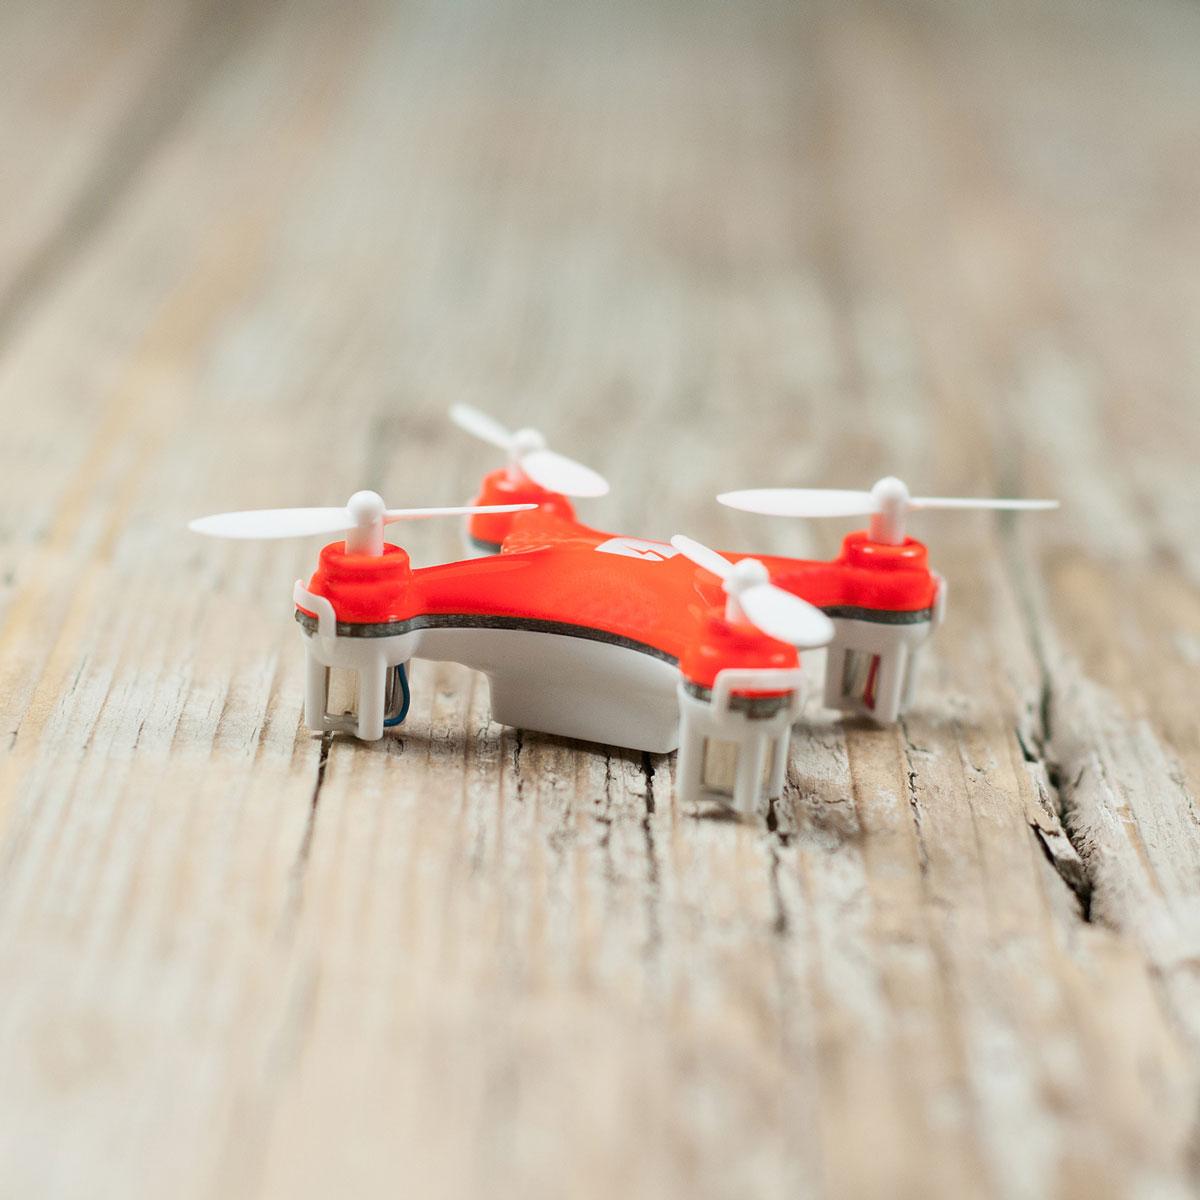 Skeye Nano Drone 12